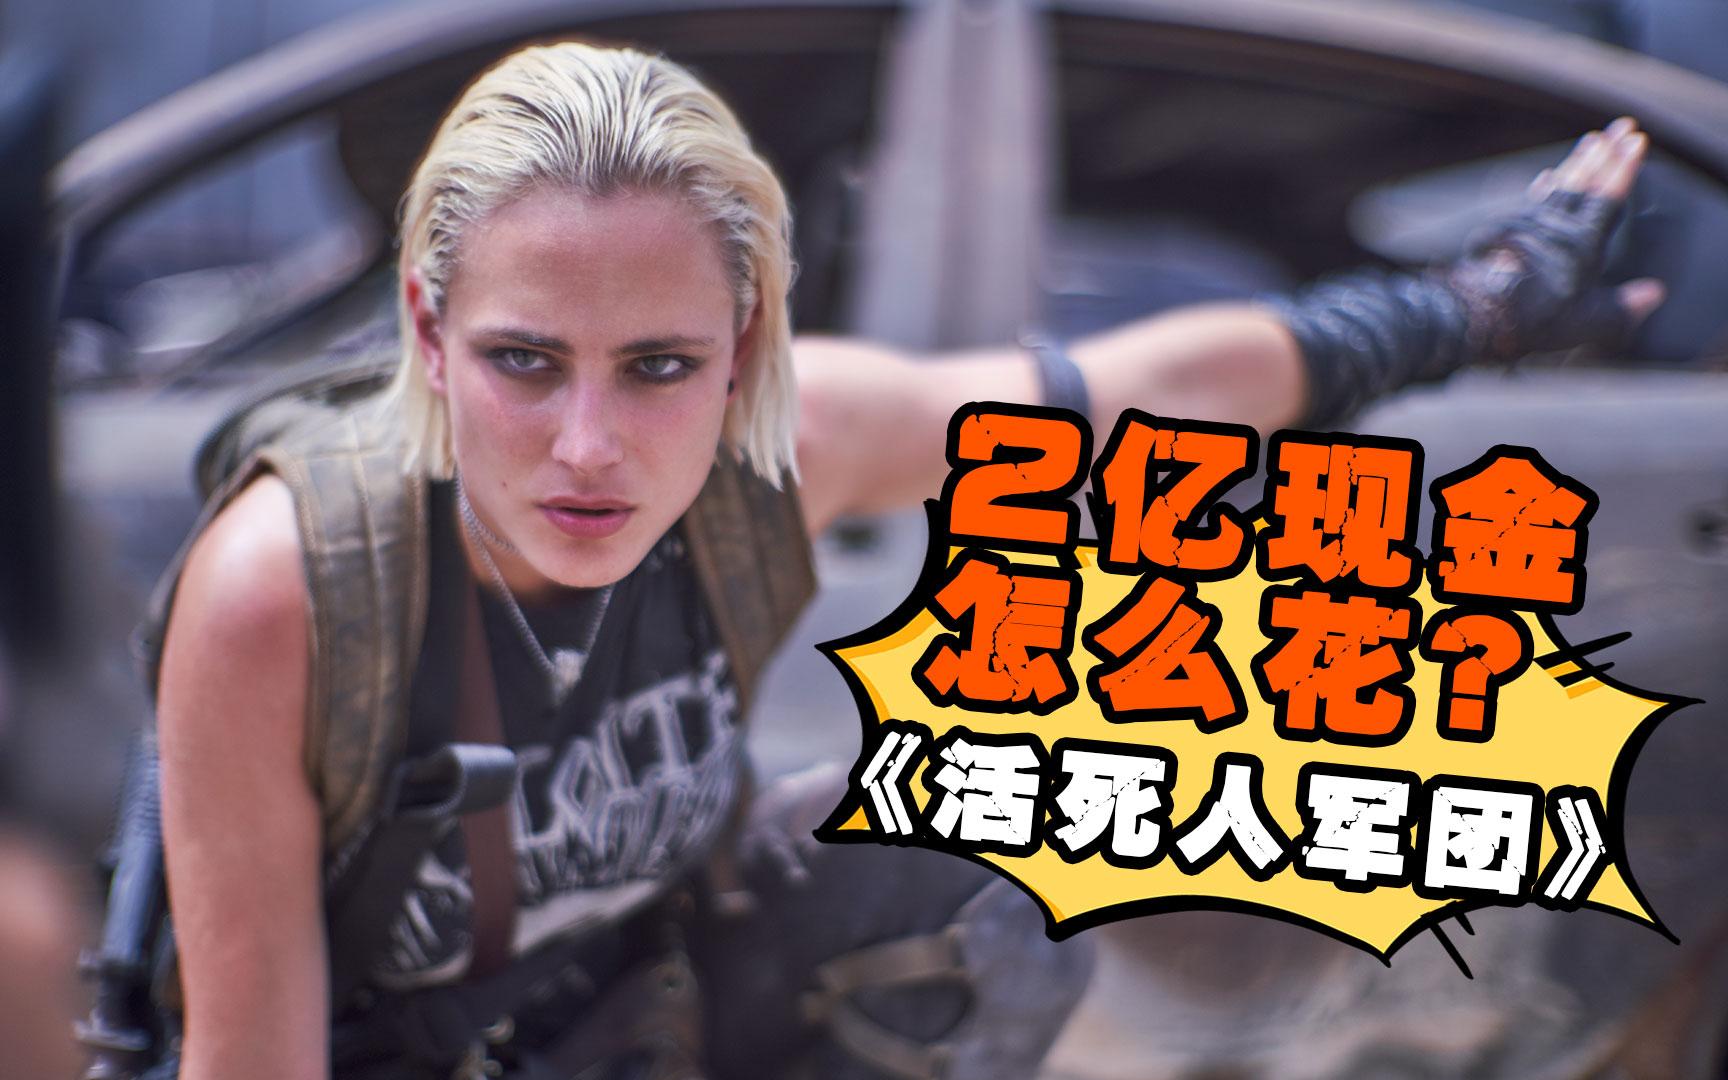 【森崎电影院】自杀小队重组PK丧尸军团  科幻电影《活死人军团》